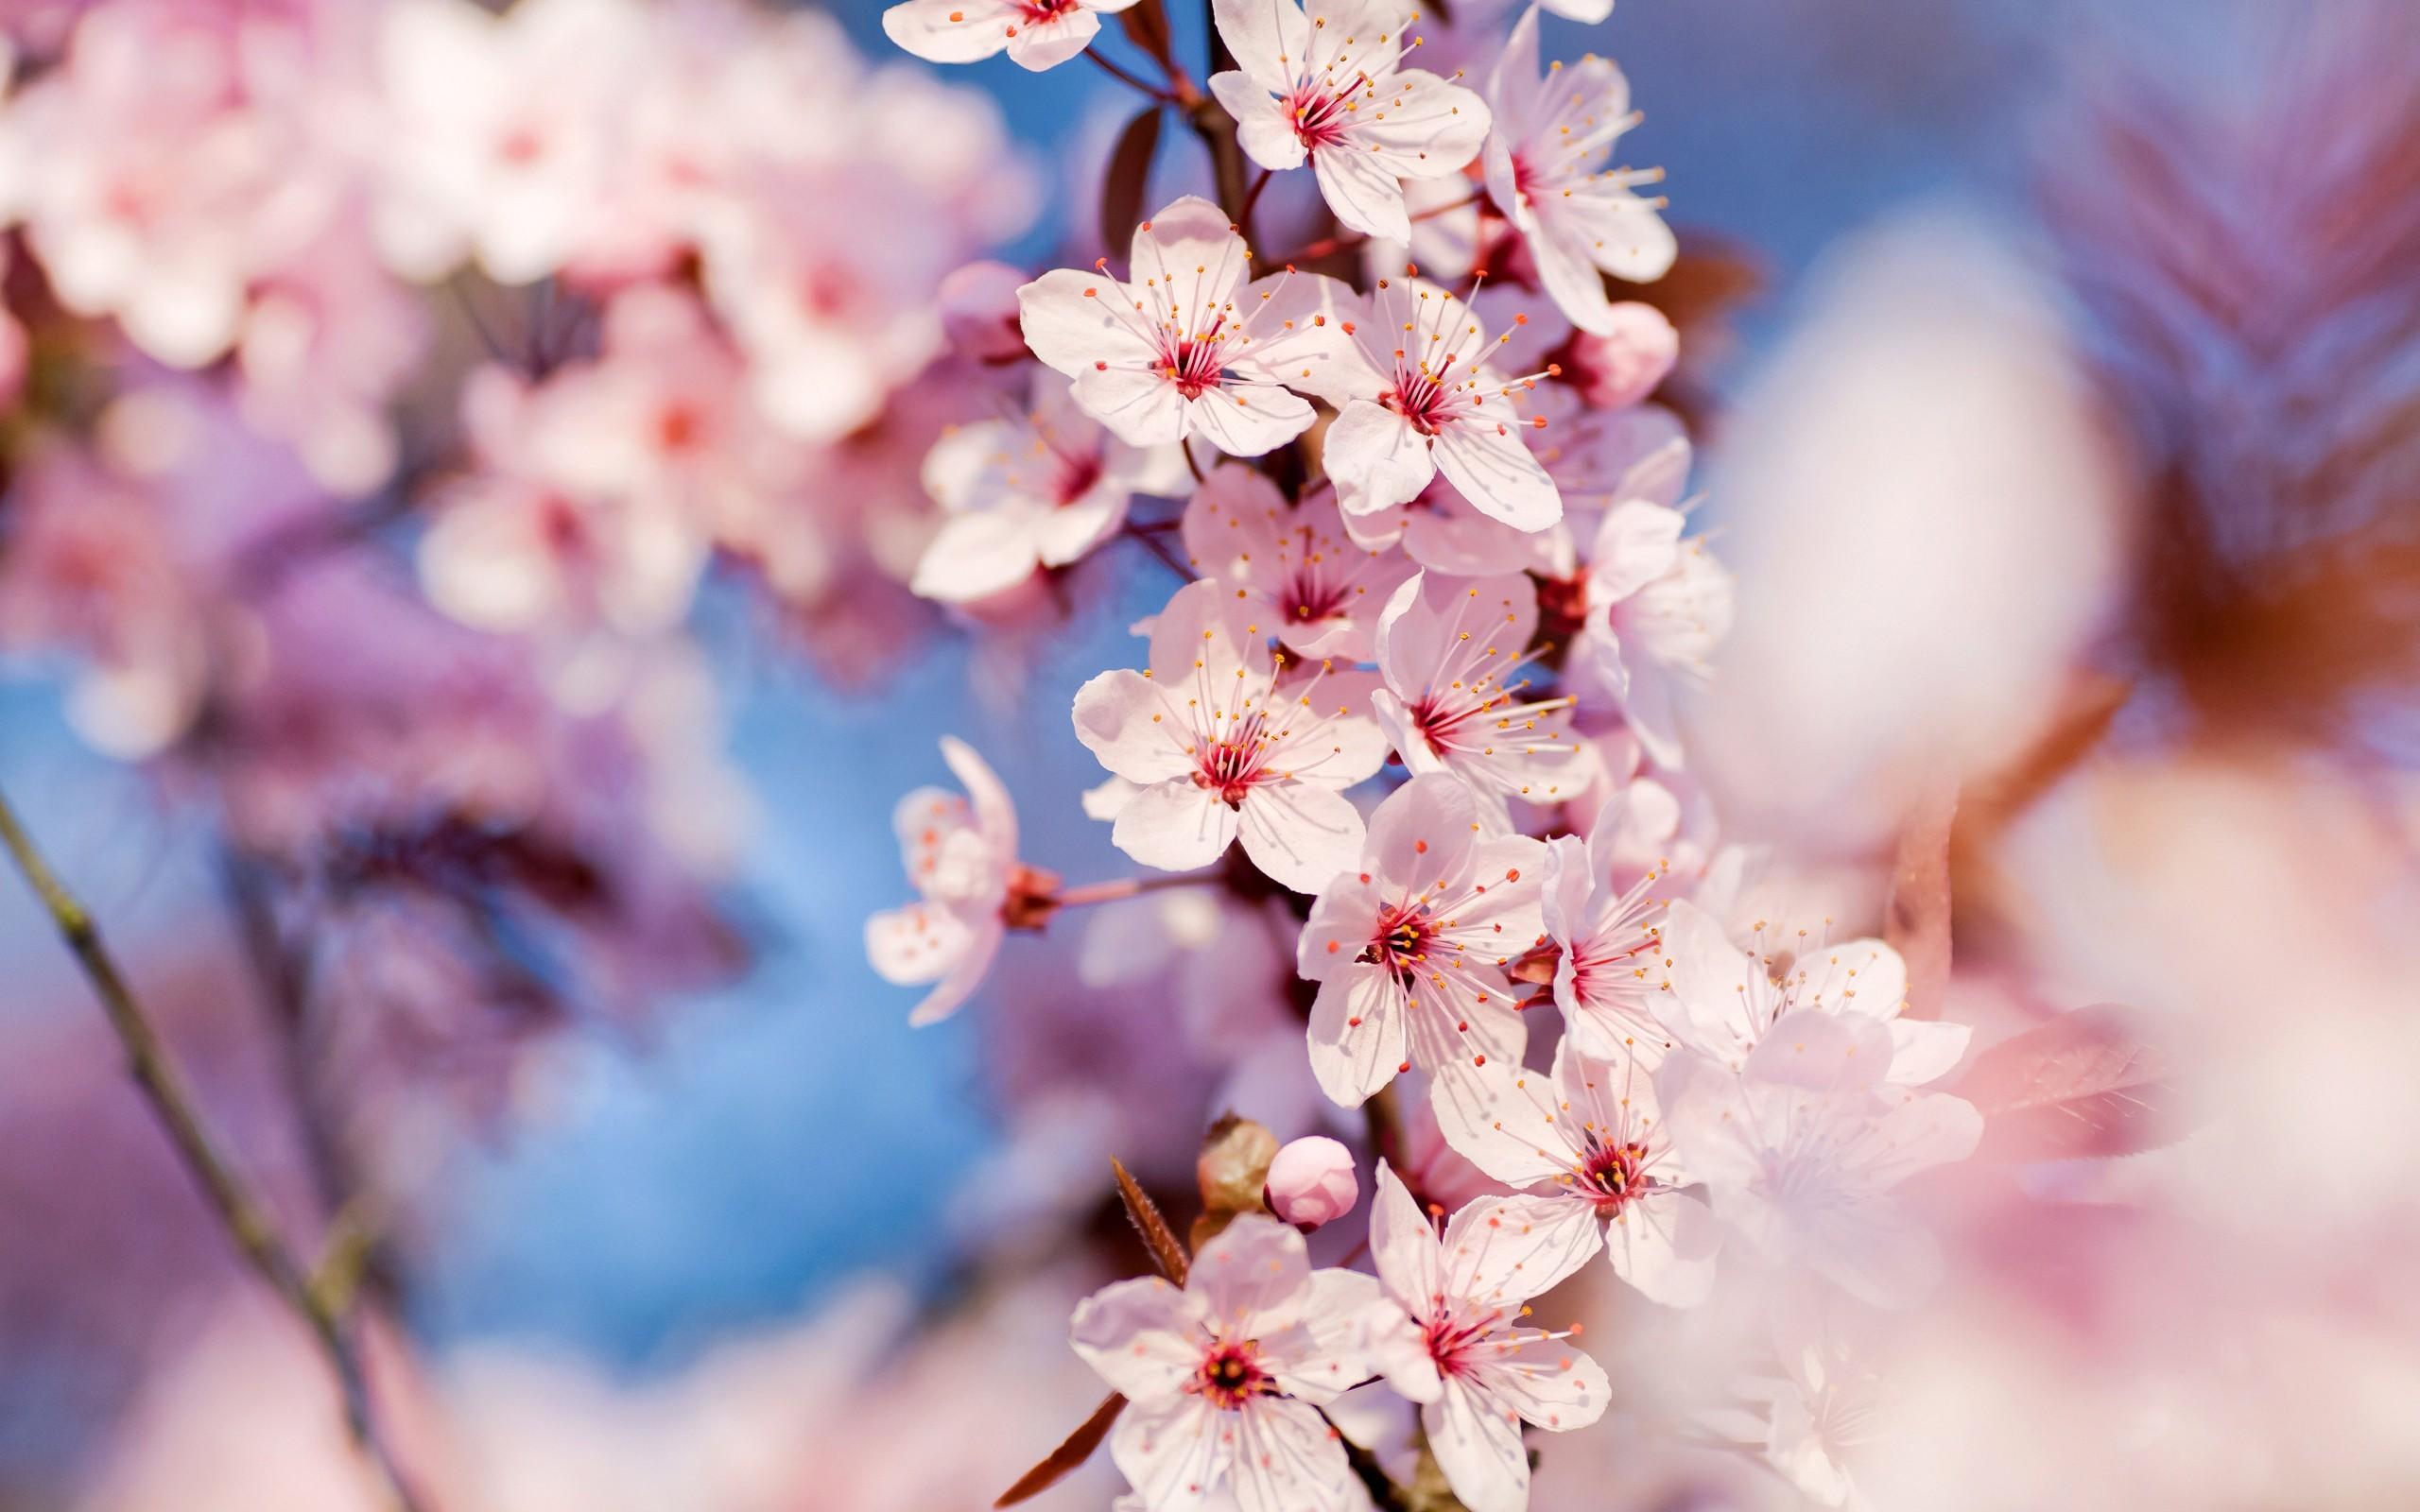 Sfondi Fiori Natura Ramo Fiore Di Ciliegio Fiorire Rosa